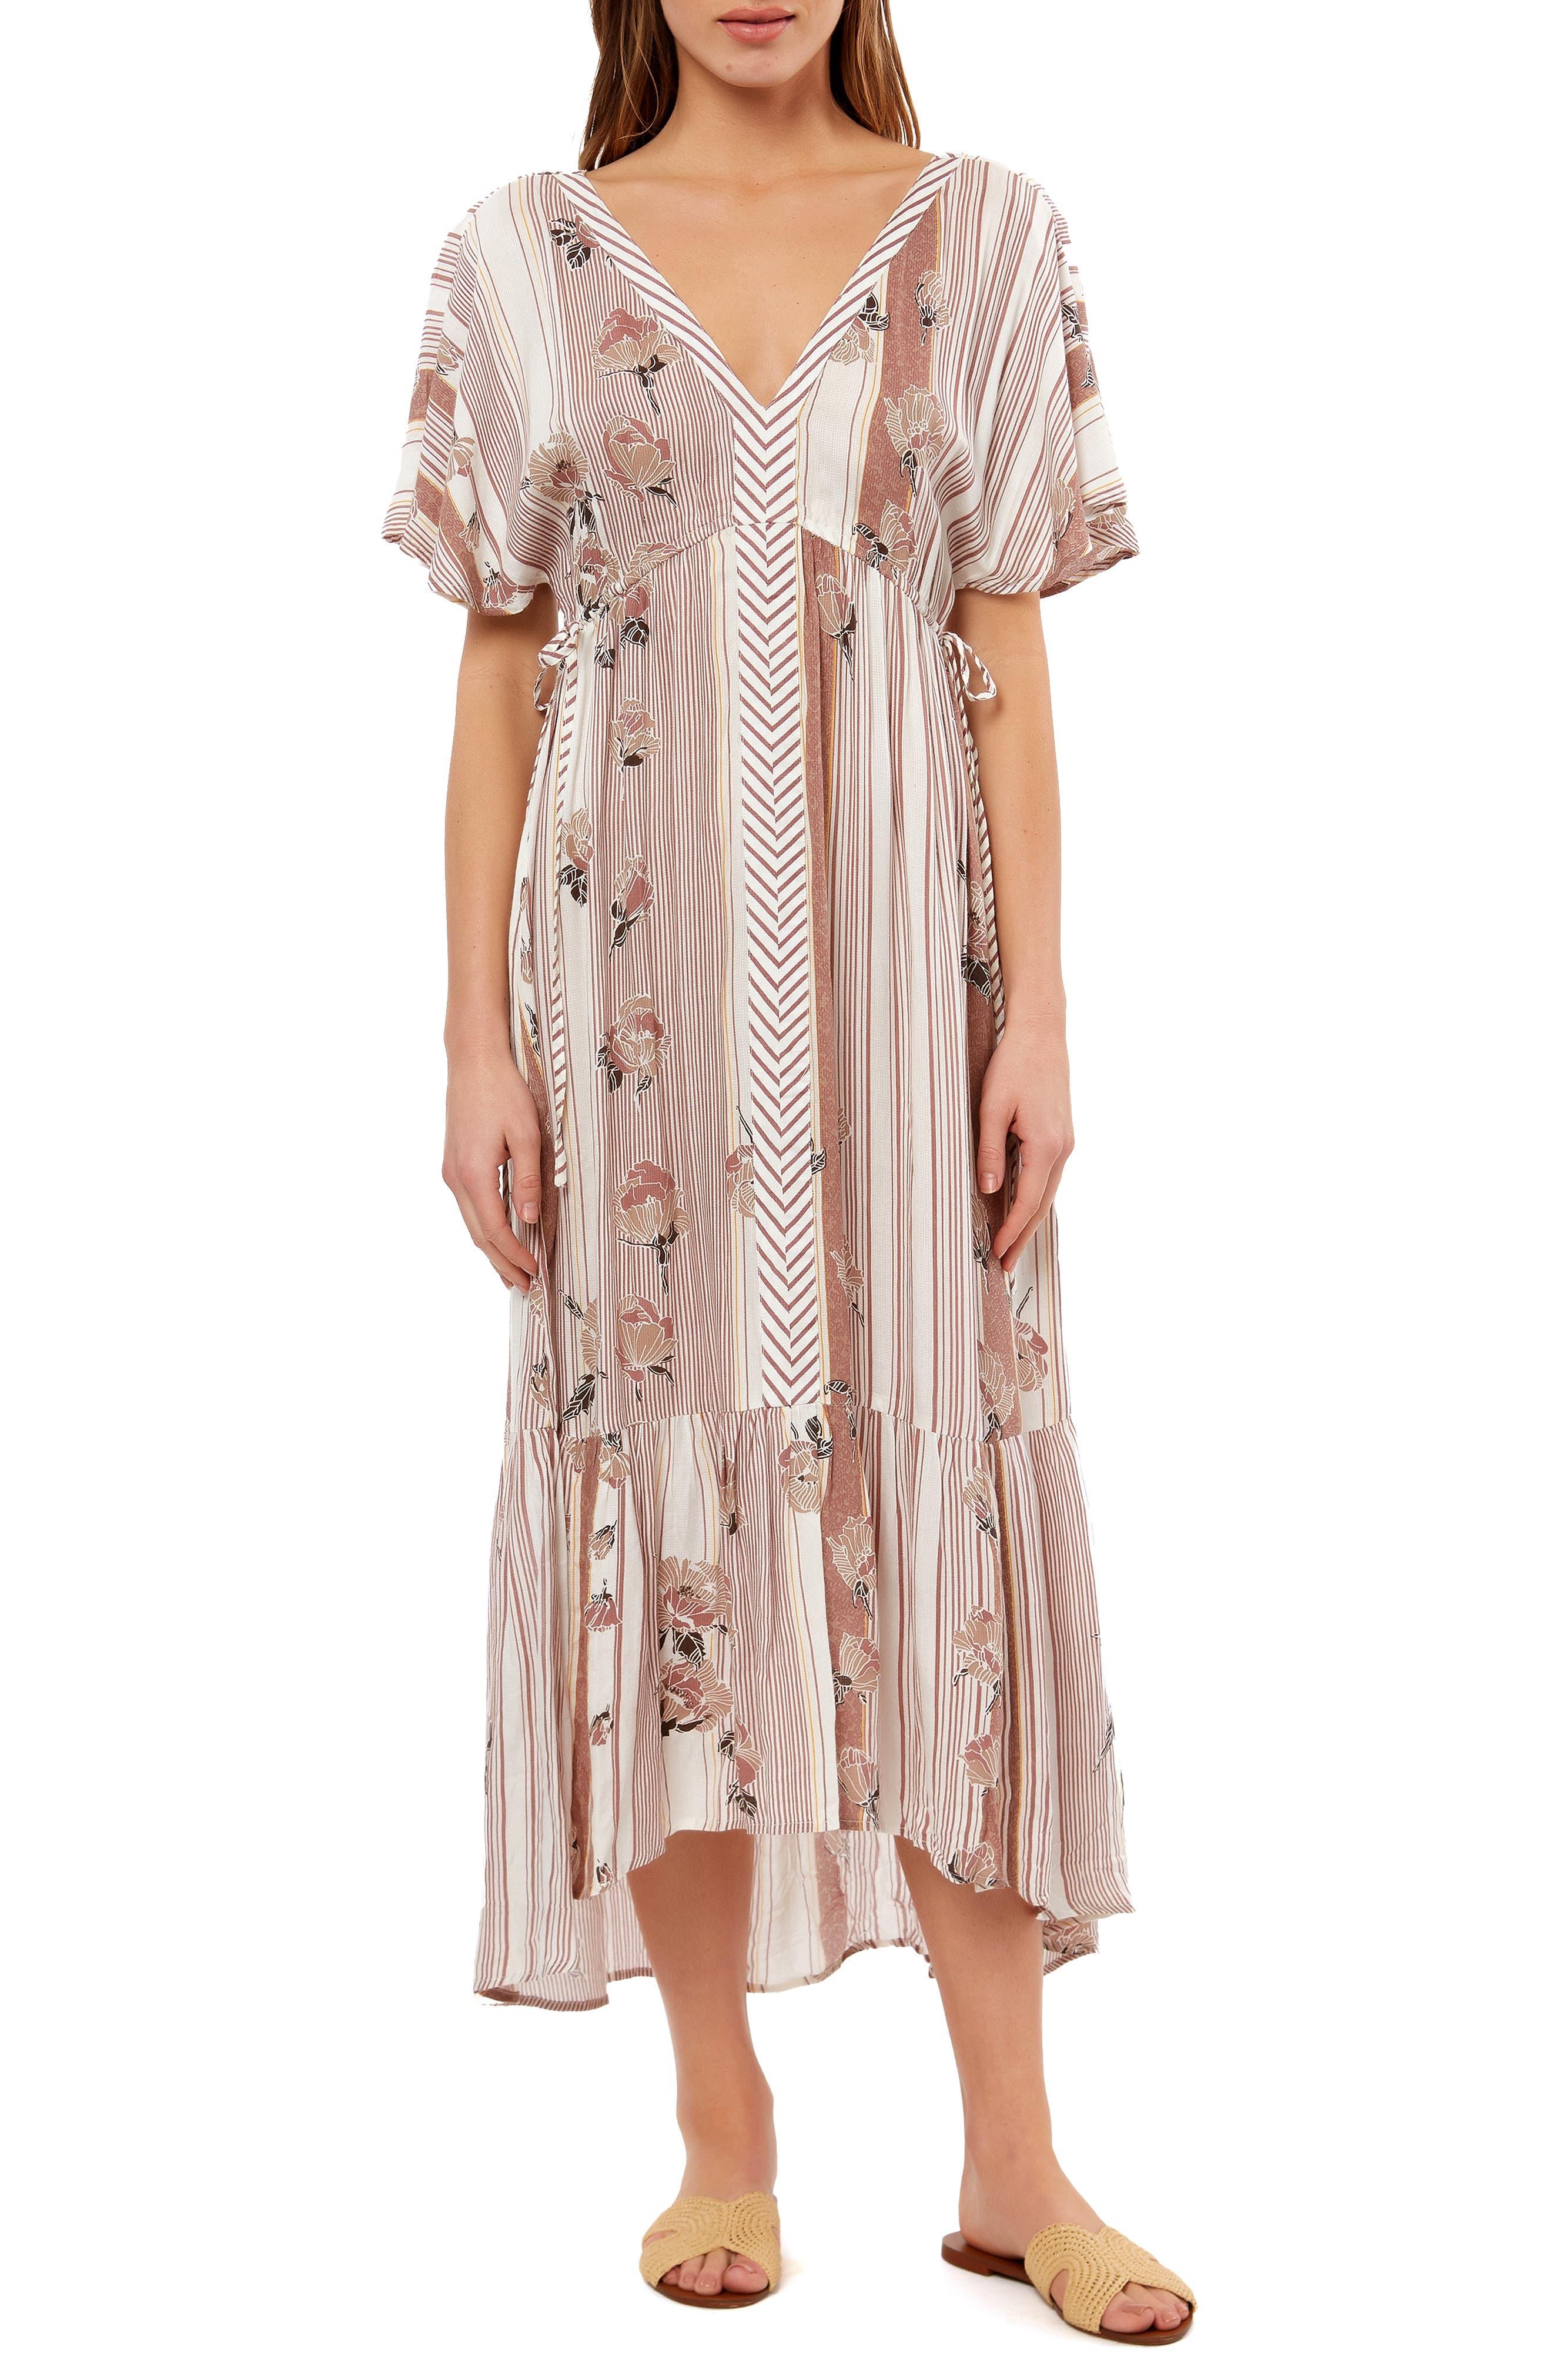 Angie Floral Stripe Midi Dress, Main, color, MULTI COLORED